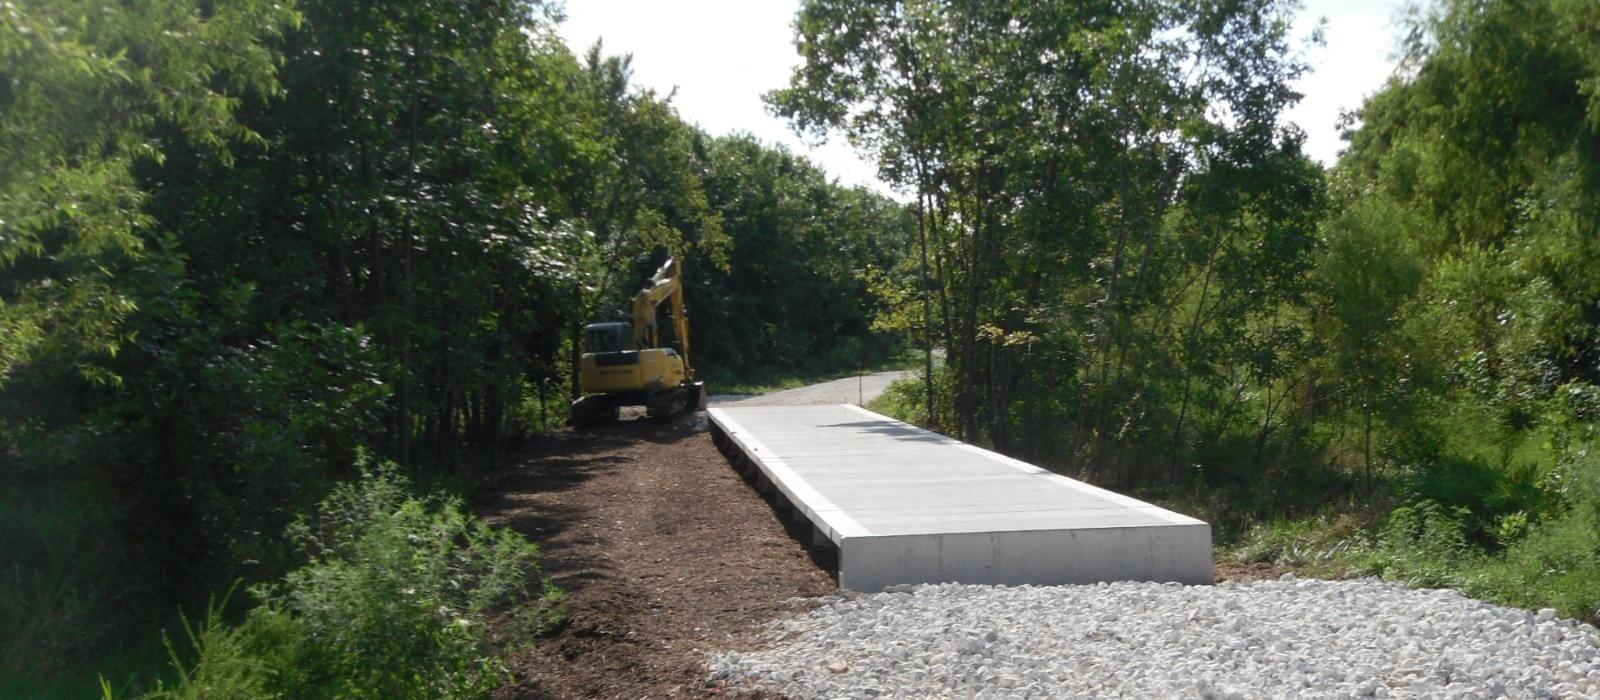 boardwalk_construction_clabber_creek_arkansas.jpg